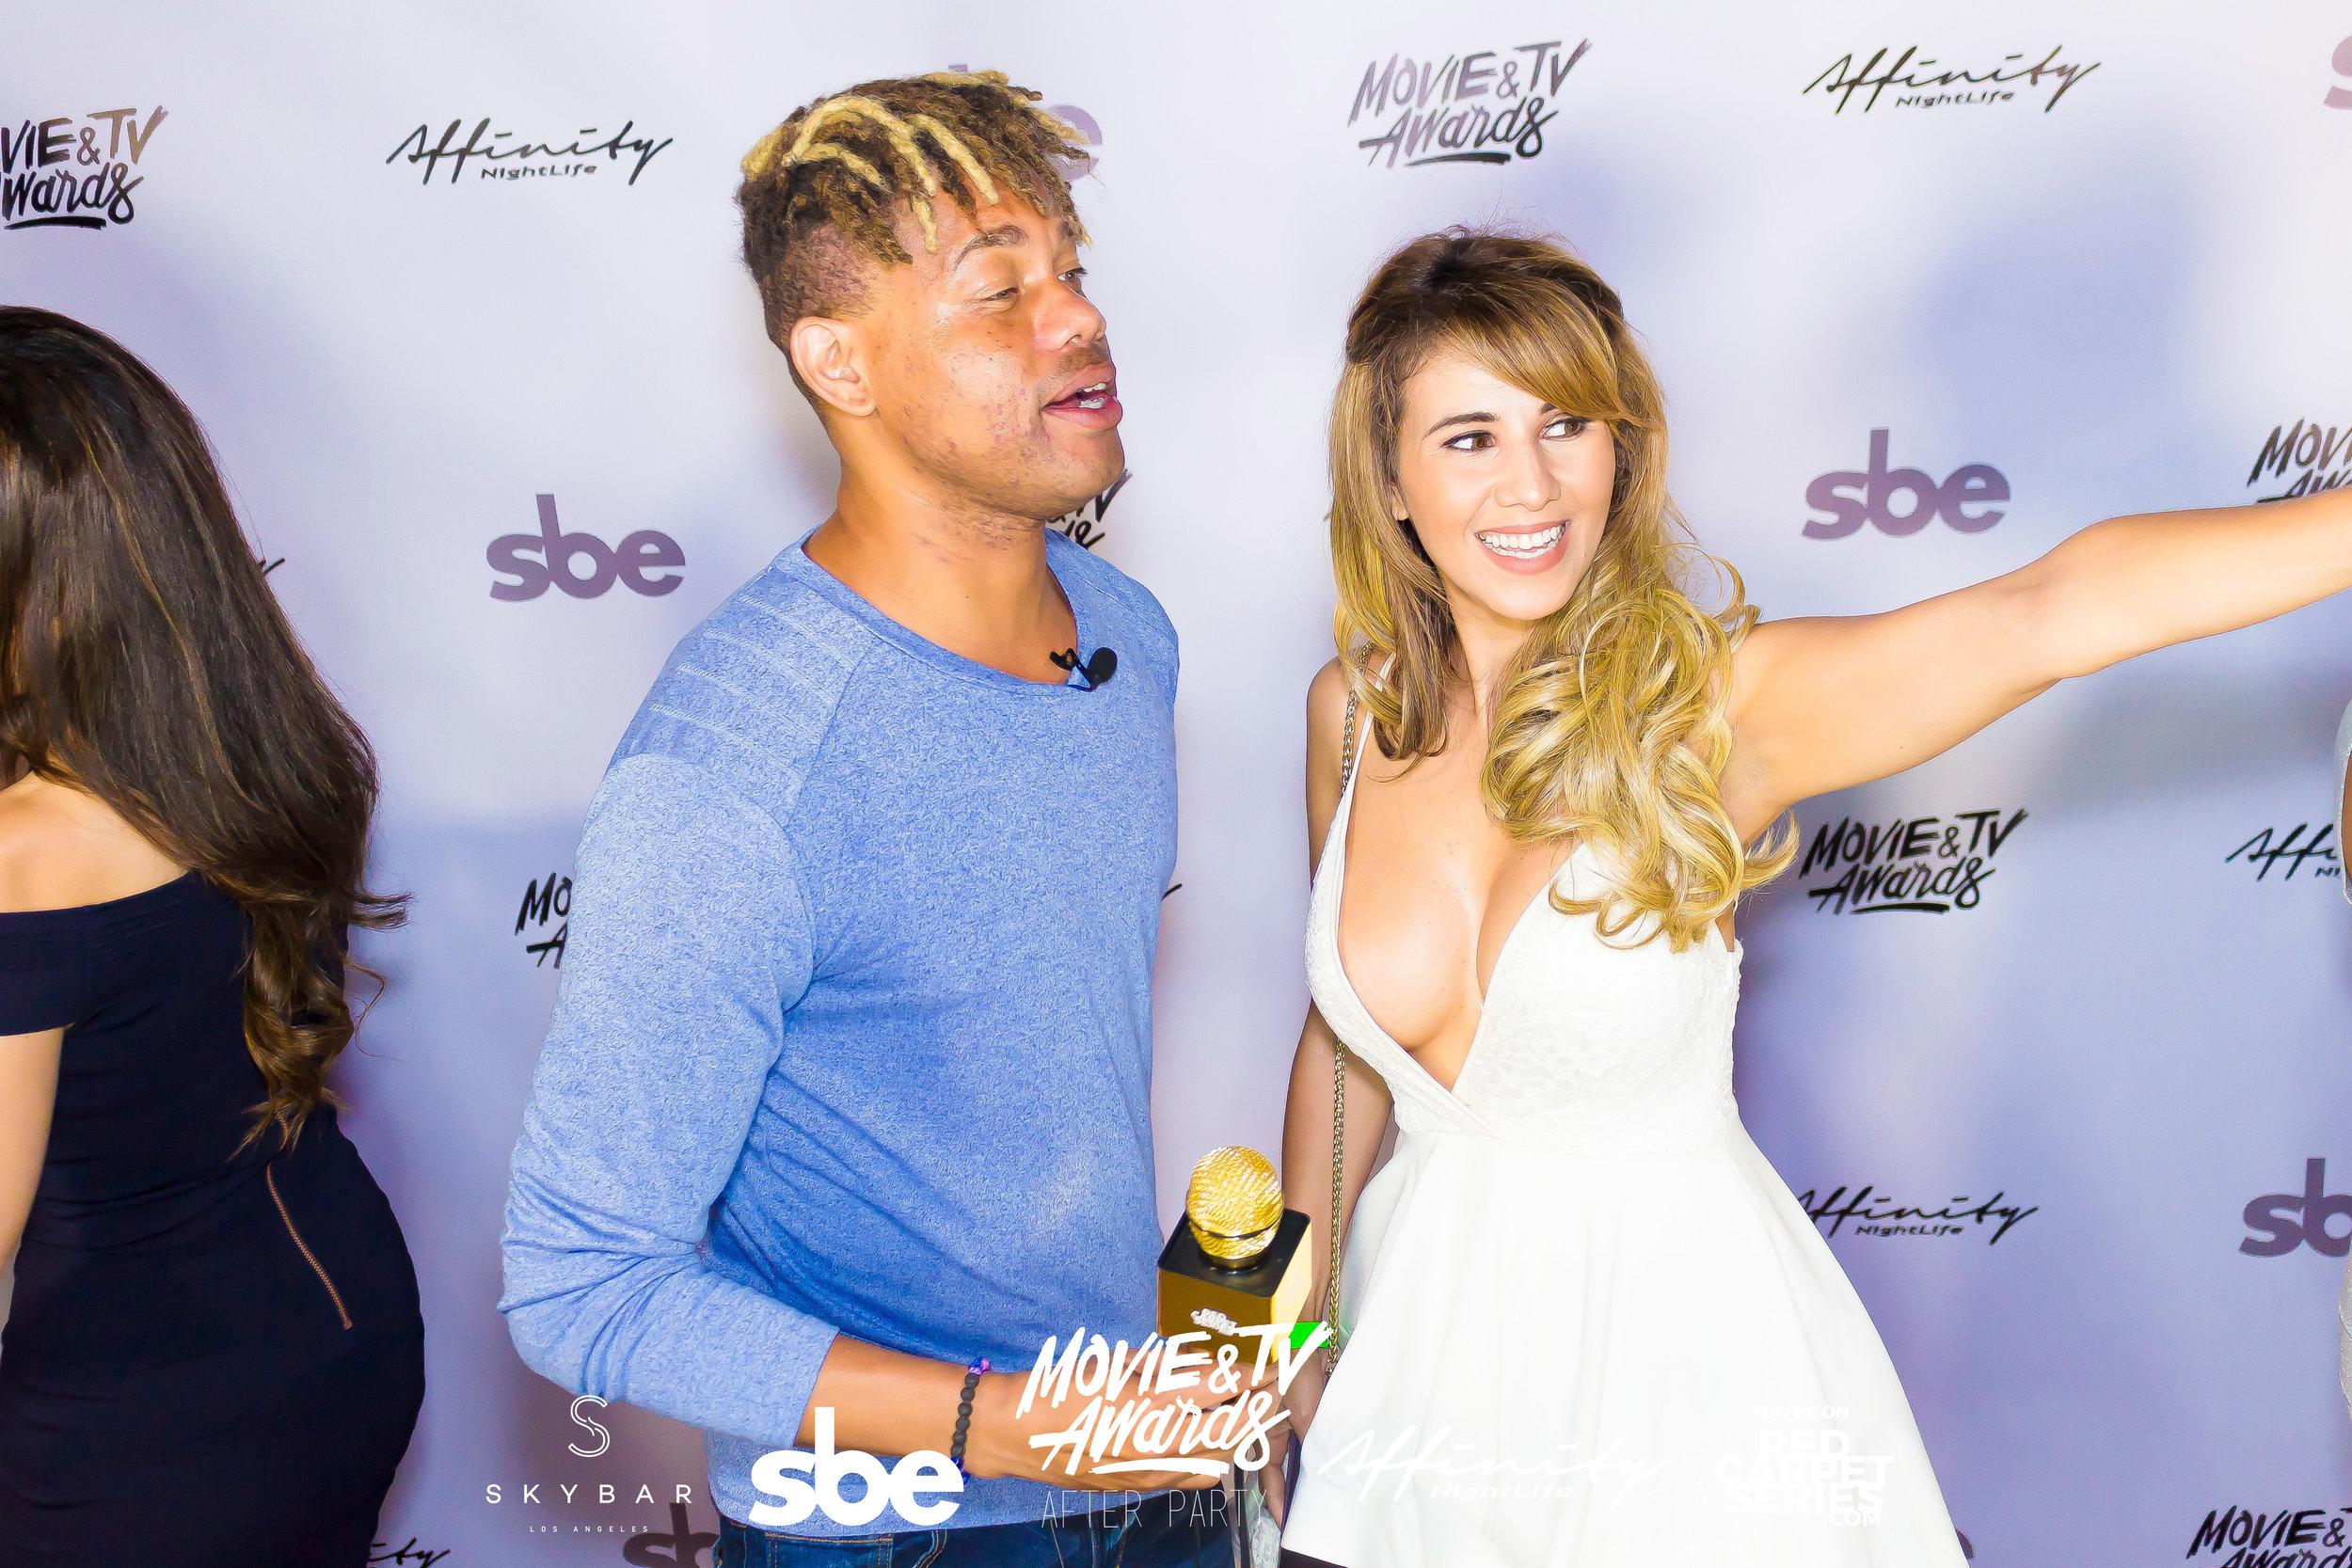 Affinity Nightlife MTV Movie & TV Awards After Party - Skybar at Mondrian - 06-15-19 - Vol. 1_92.jpg